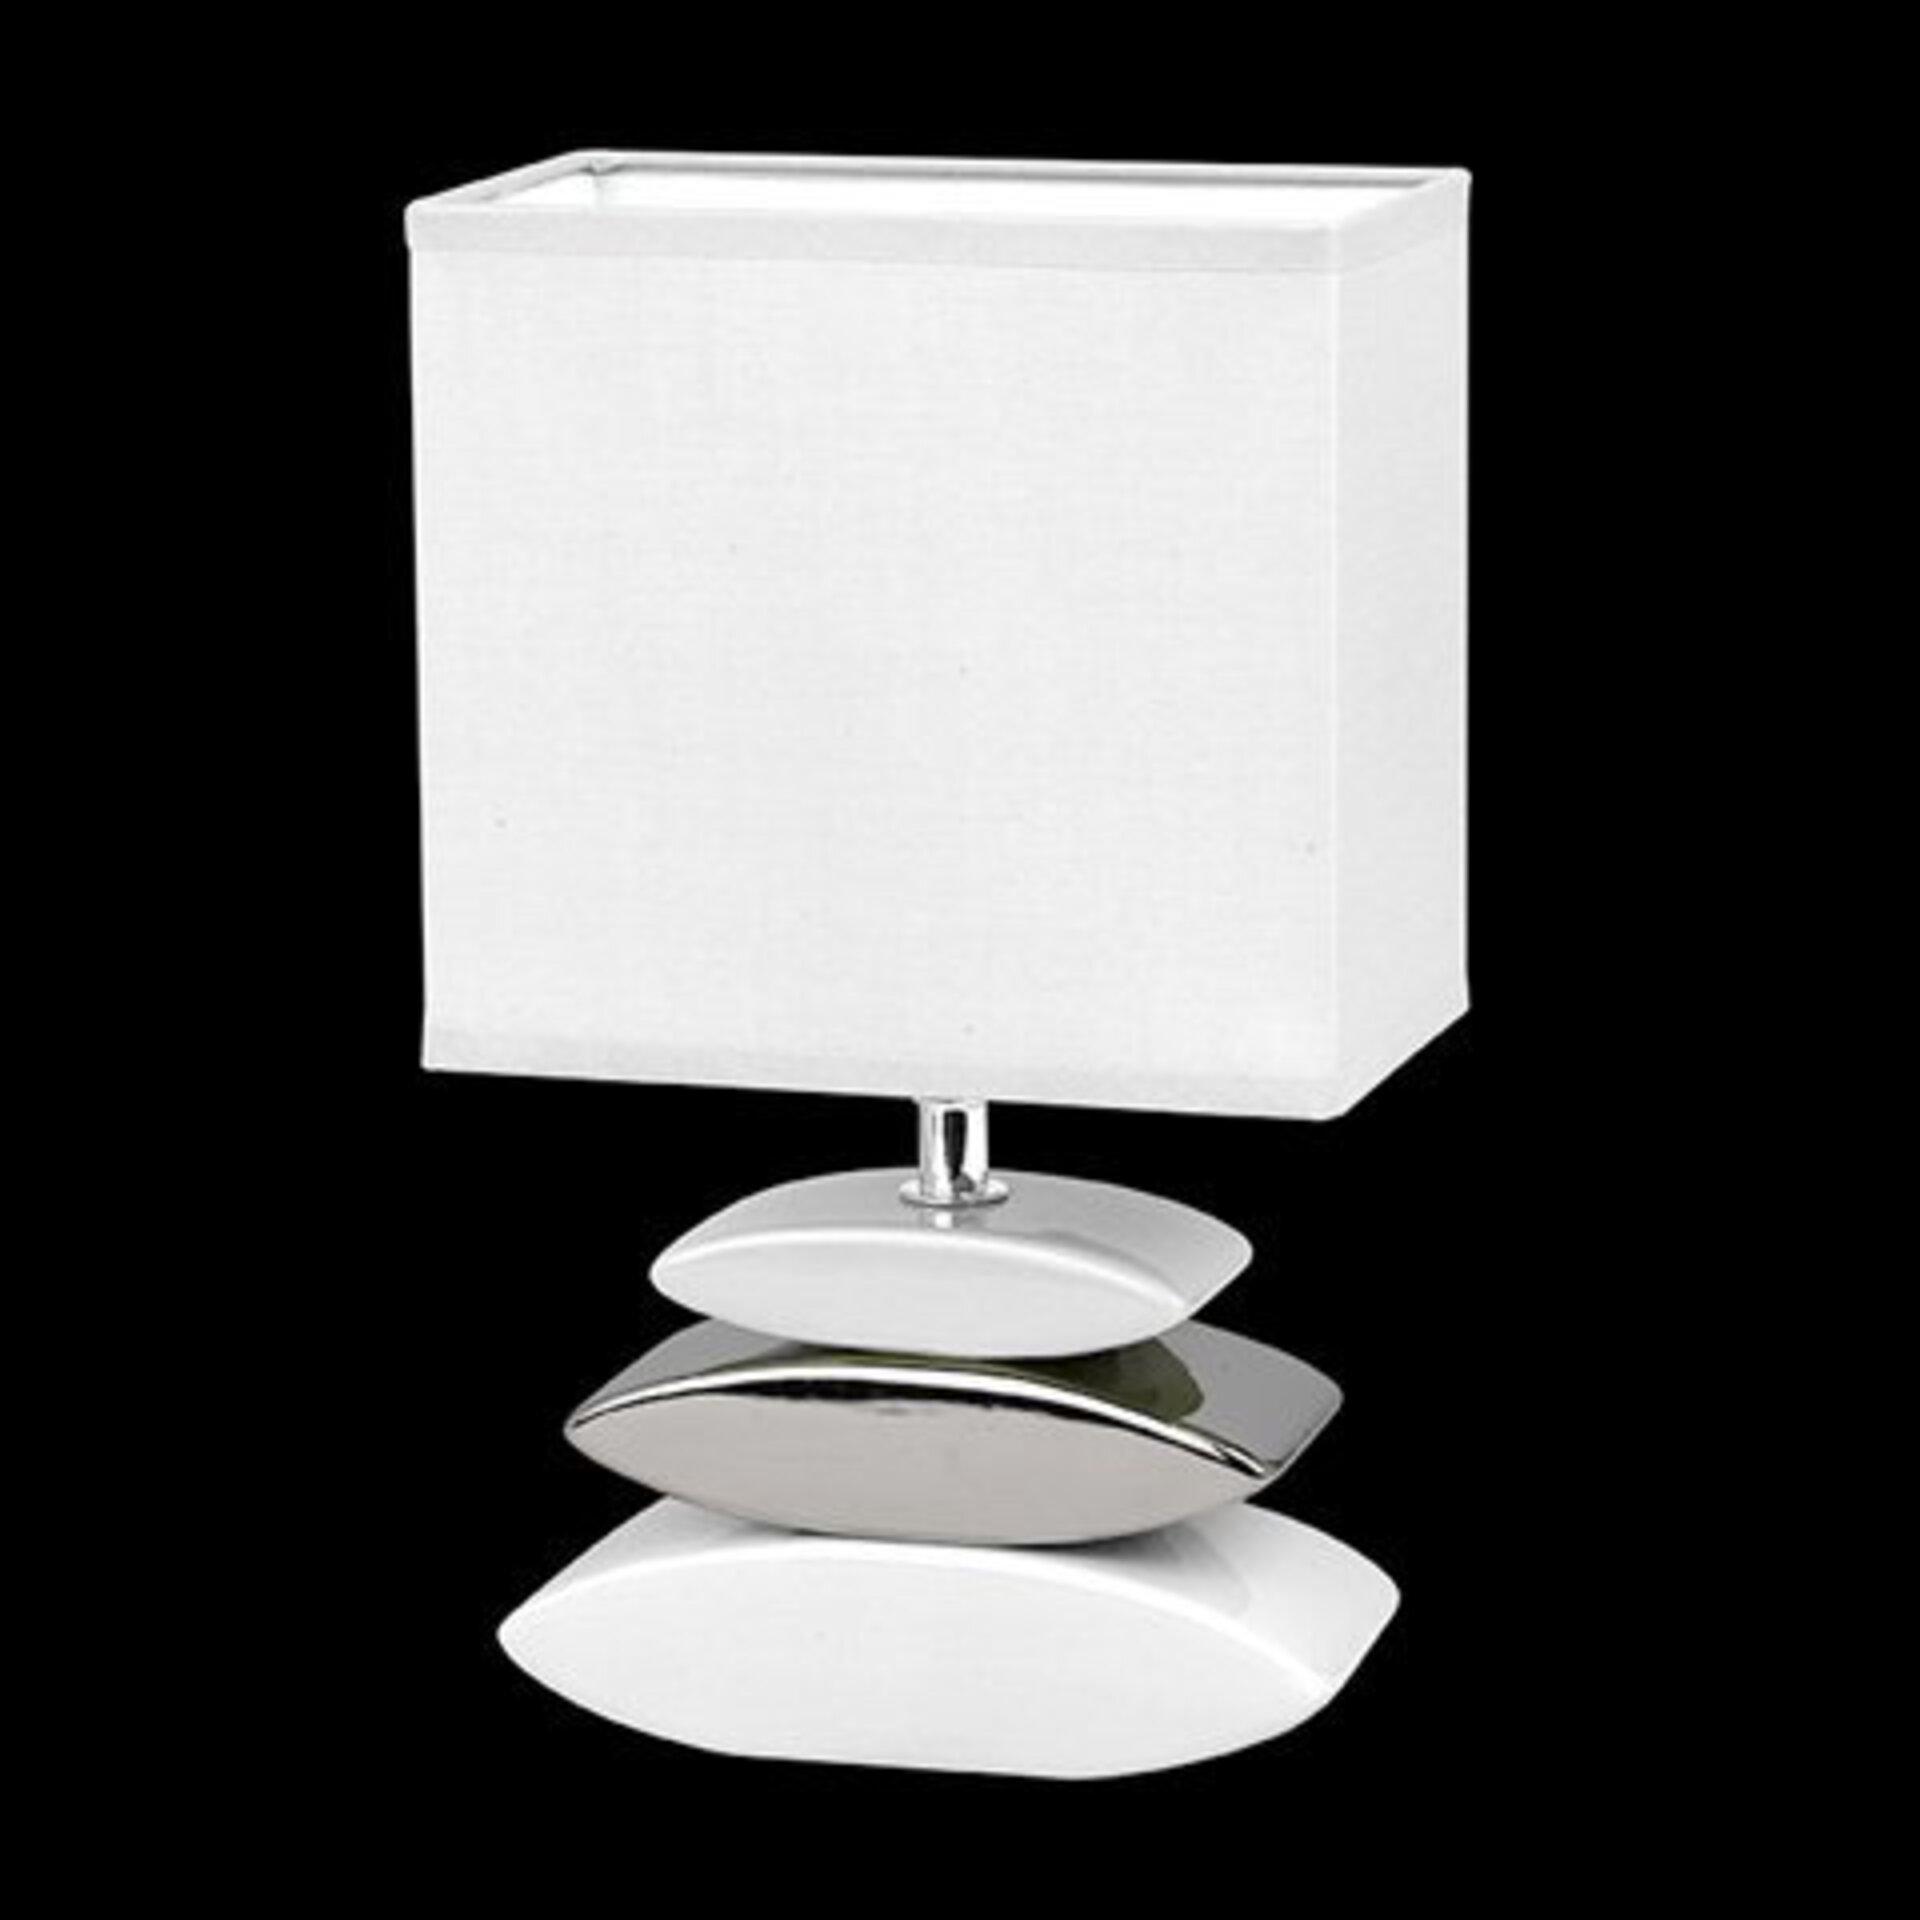 Tischleuchte Liner Fischer-Honsel Keramik 10 x 30 x 17 cm